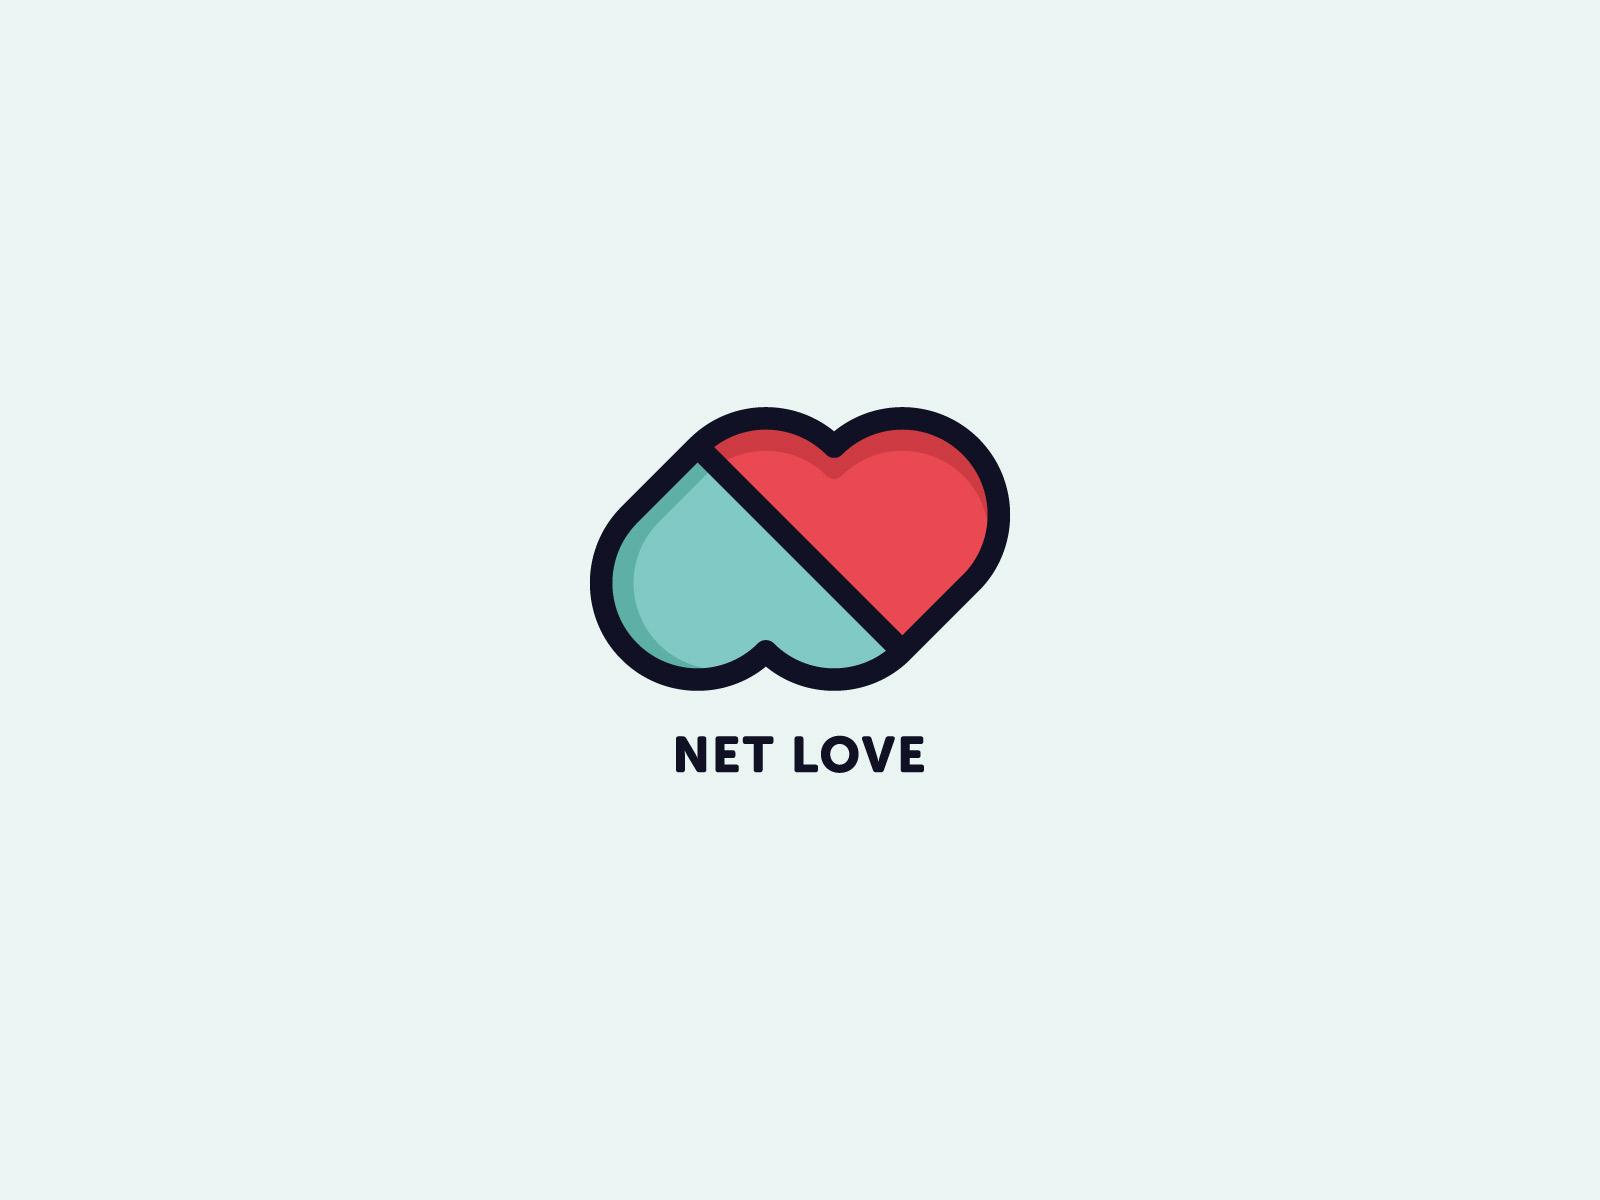 Net love dribbble